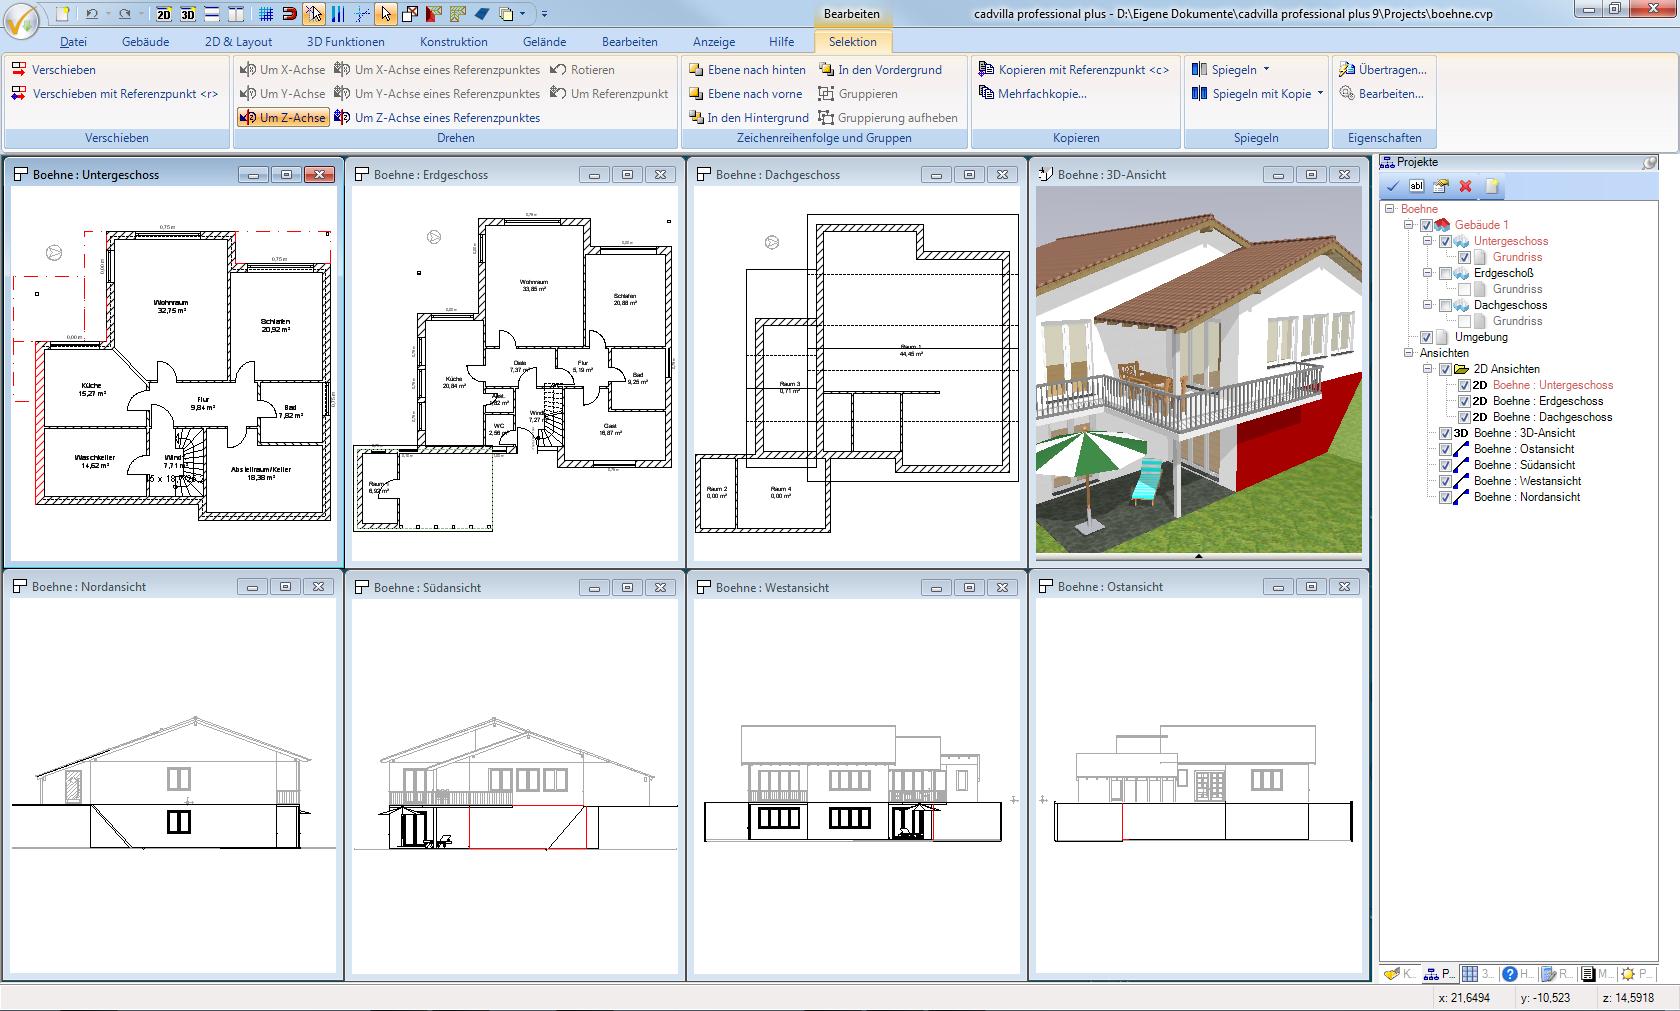 Bearbeiten eines Projekts mit Hilfe mehrerer Sichten auf das Projekt (Draufsichten auf einzelne Geschosse, Seitenansichten, 3D Ansicht). Ein Element kann in jeder beliebigen Ansicht eingegeben und weiter bearbeitet werden. Das (selektierte) Element wird dabei immer in Echtzeit in jeder geöffneten Ansicht dargestellt.